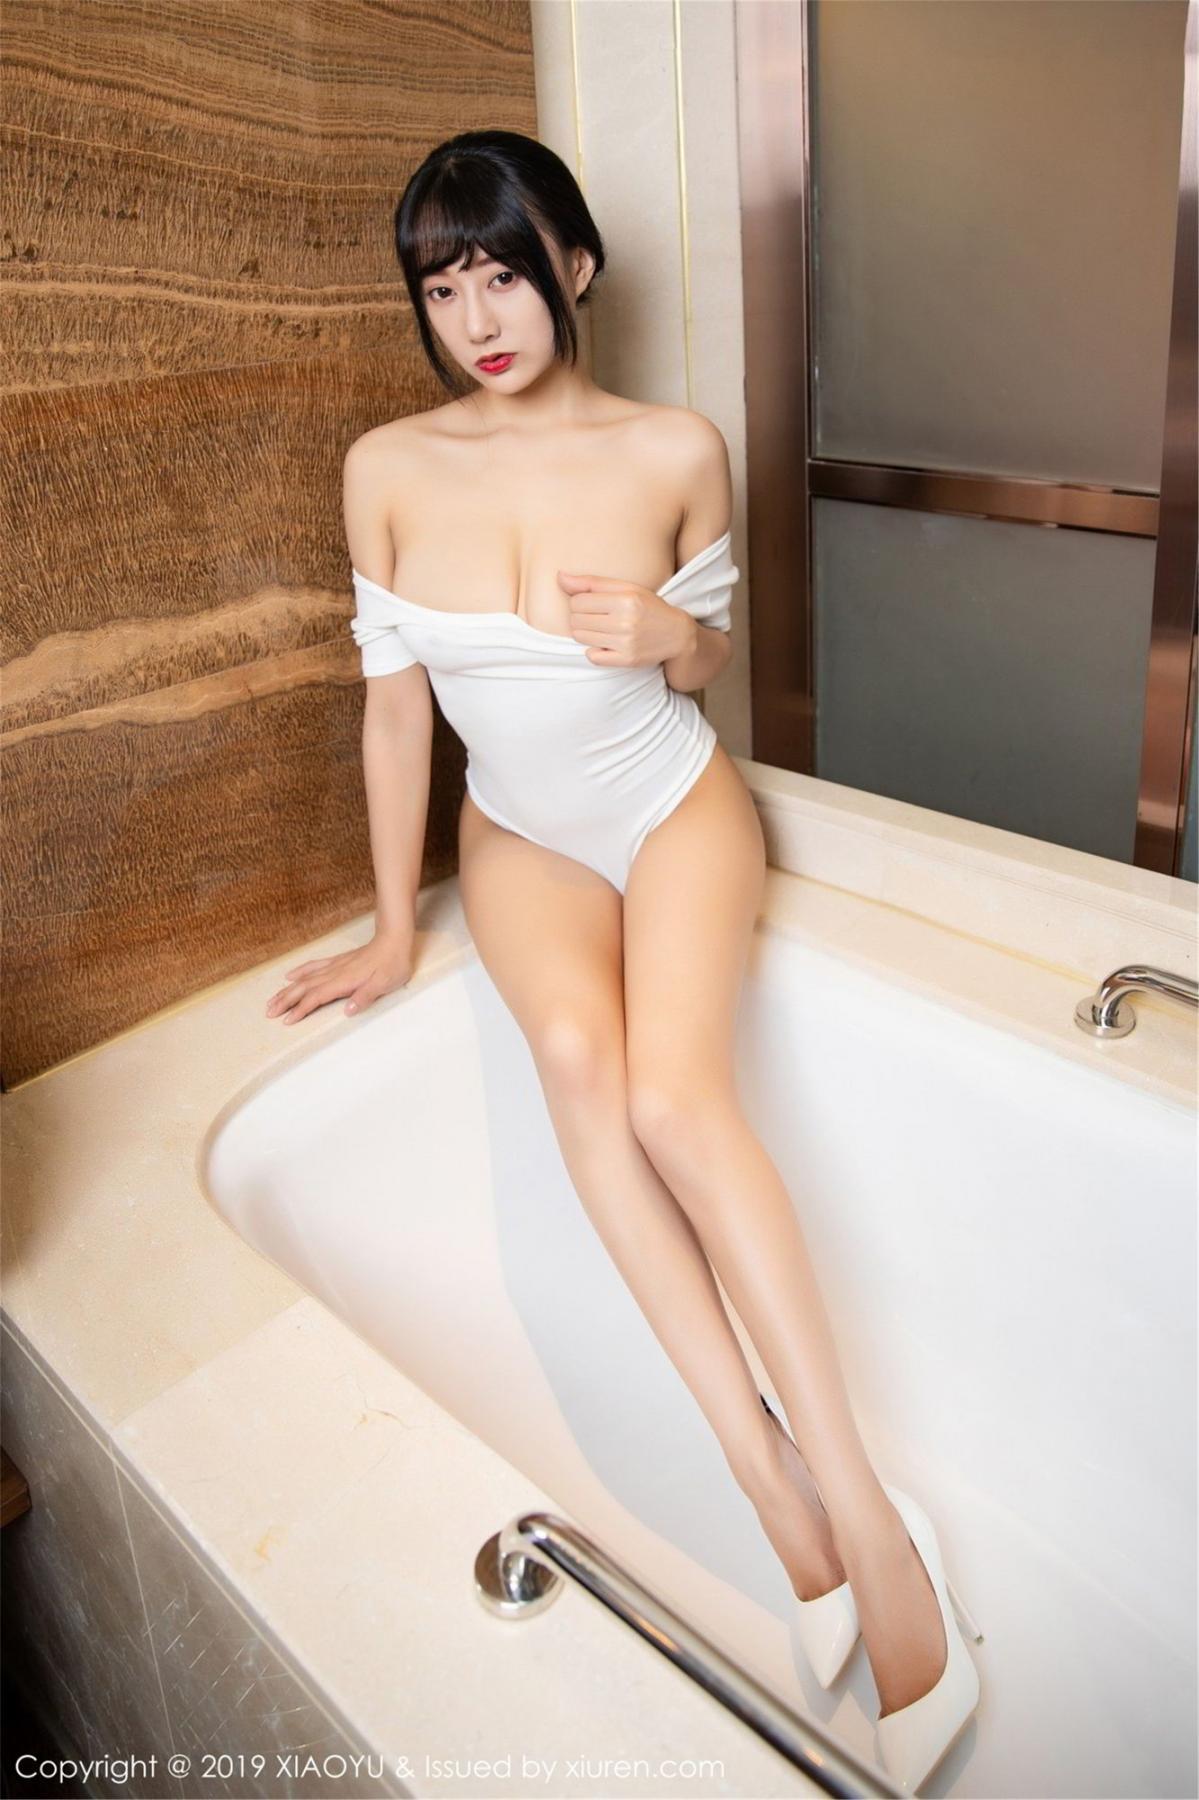 [XiaoYu] Vol.116 He Jia Ying 22P, Bathroom, He Jia Ying, Wet, XiaoYu